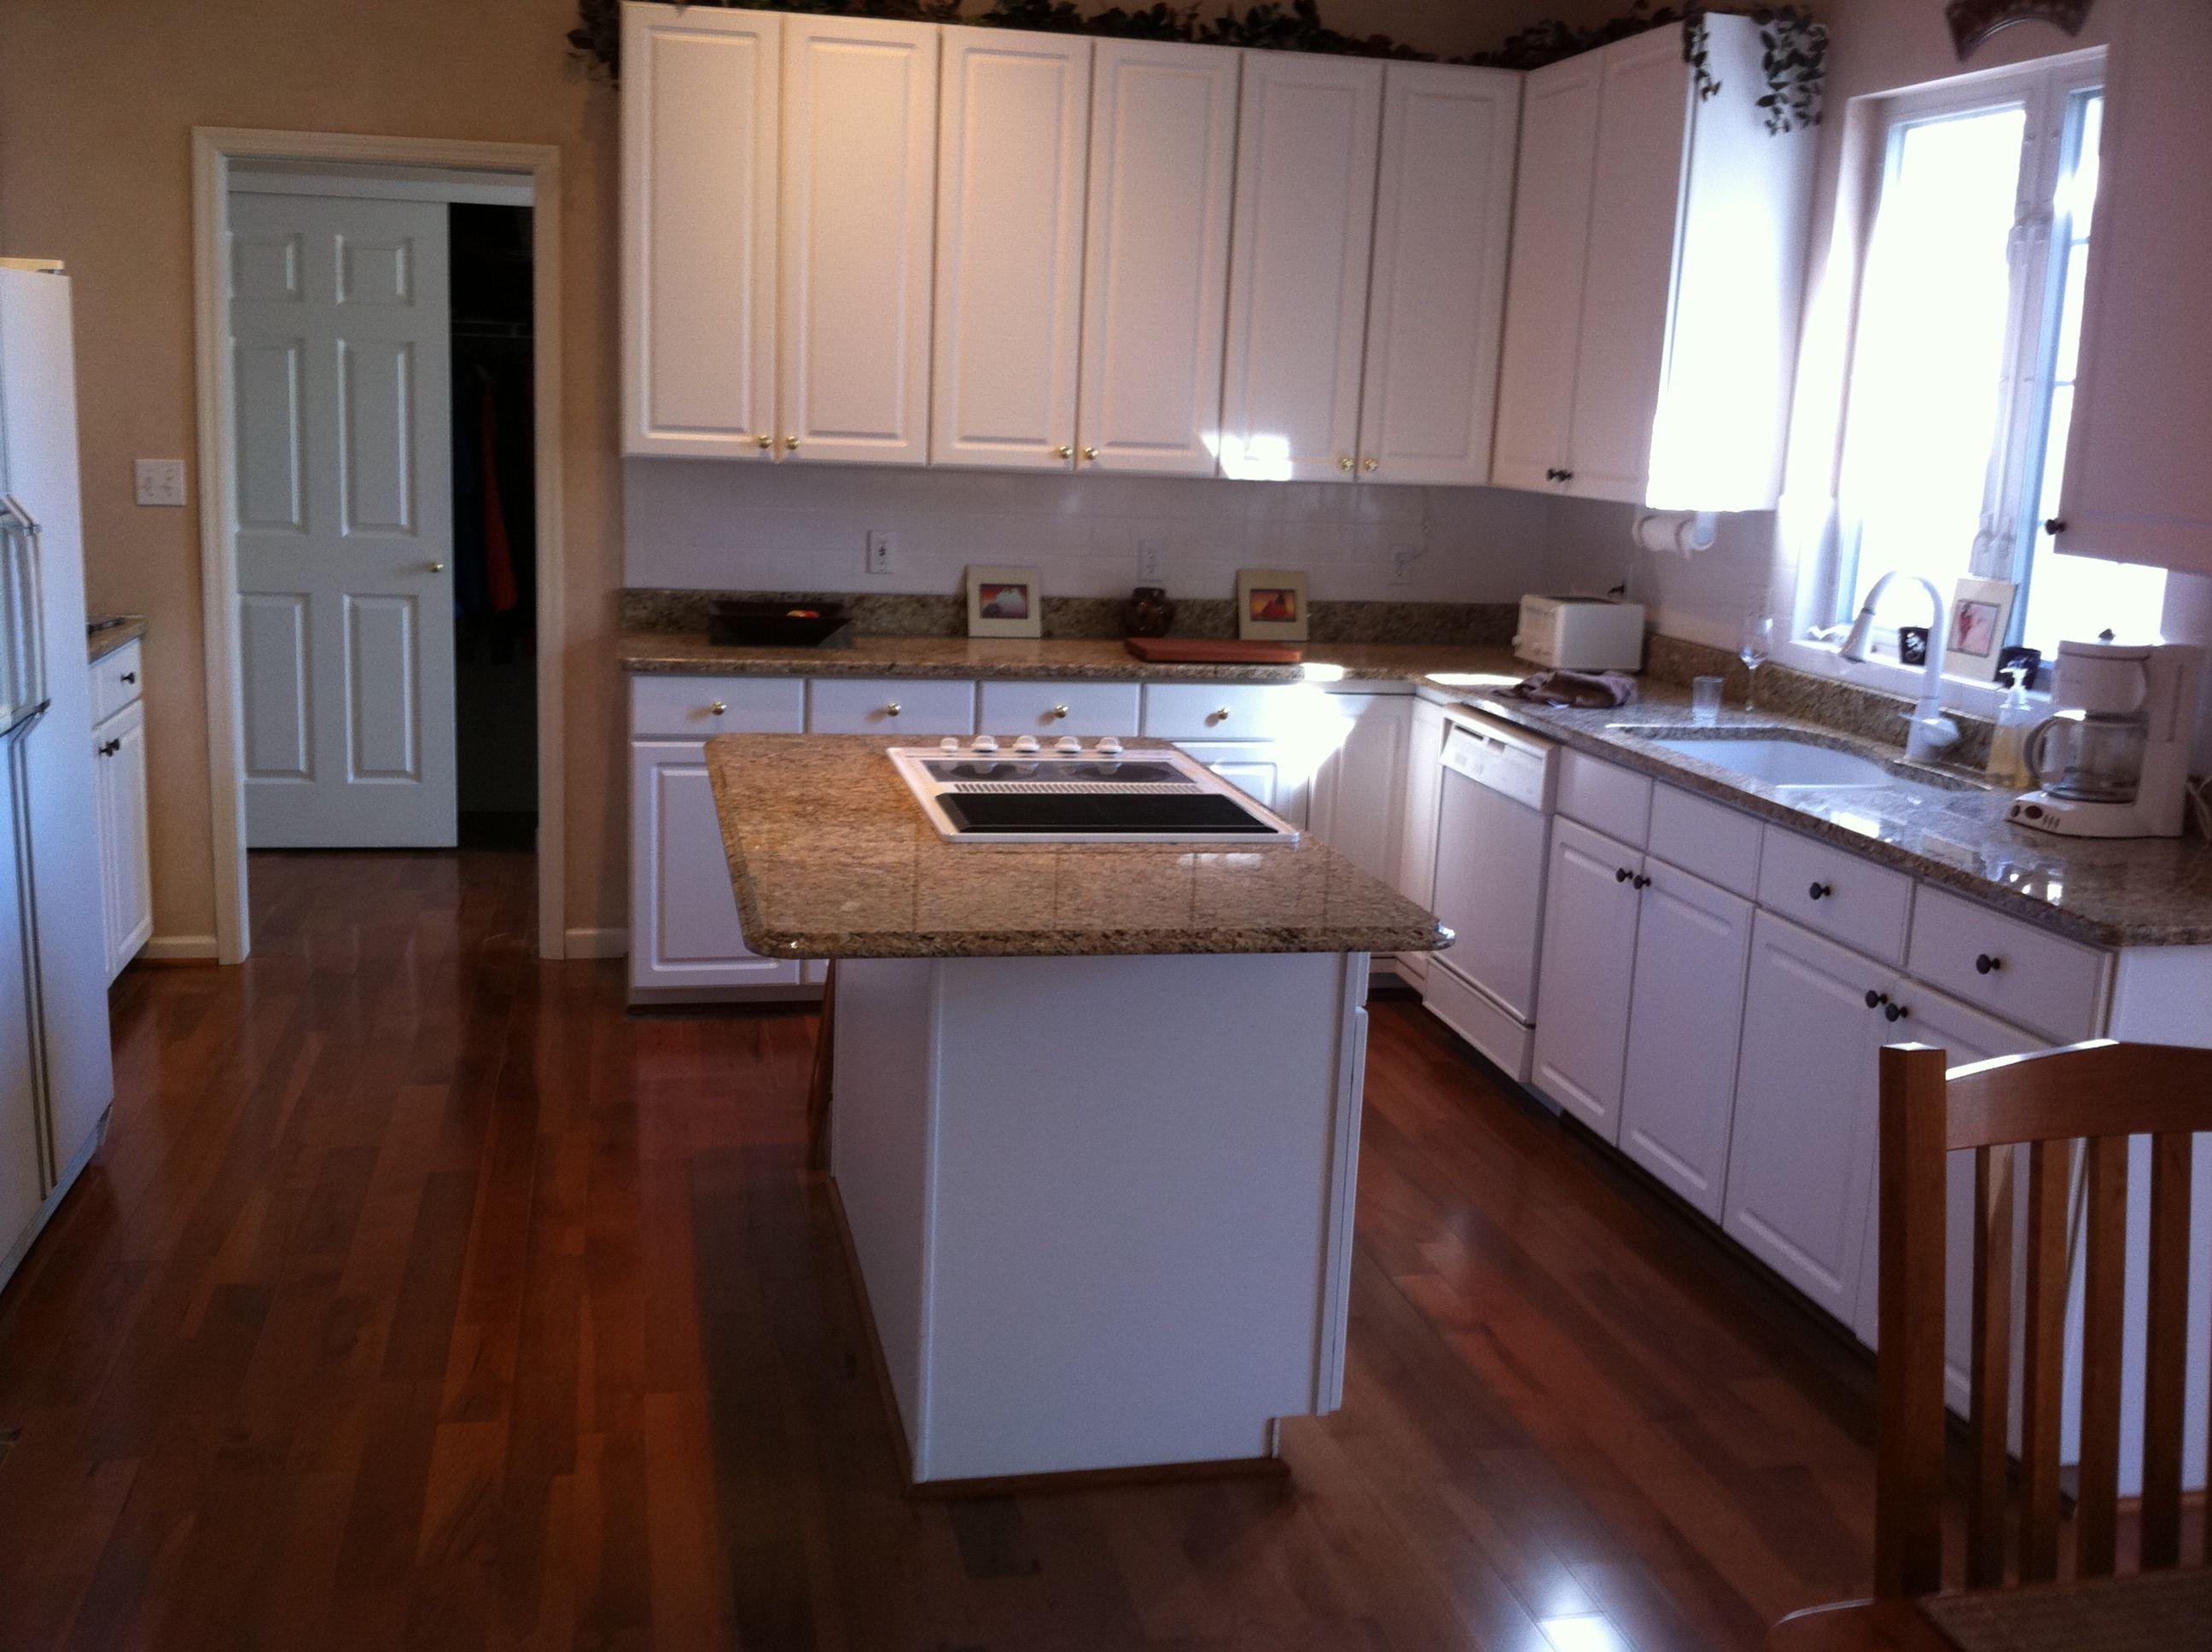 57 große auffällige bilder der küche mit weißen schränke